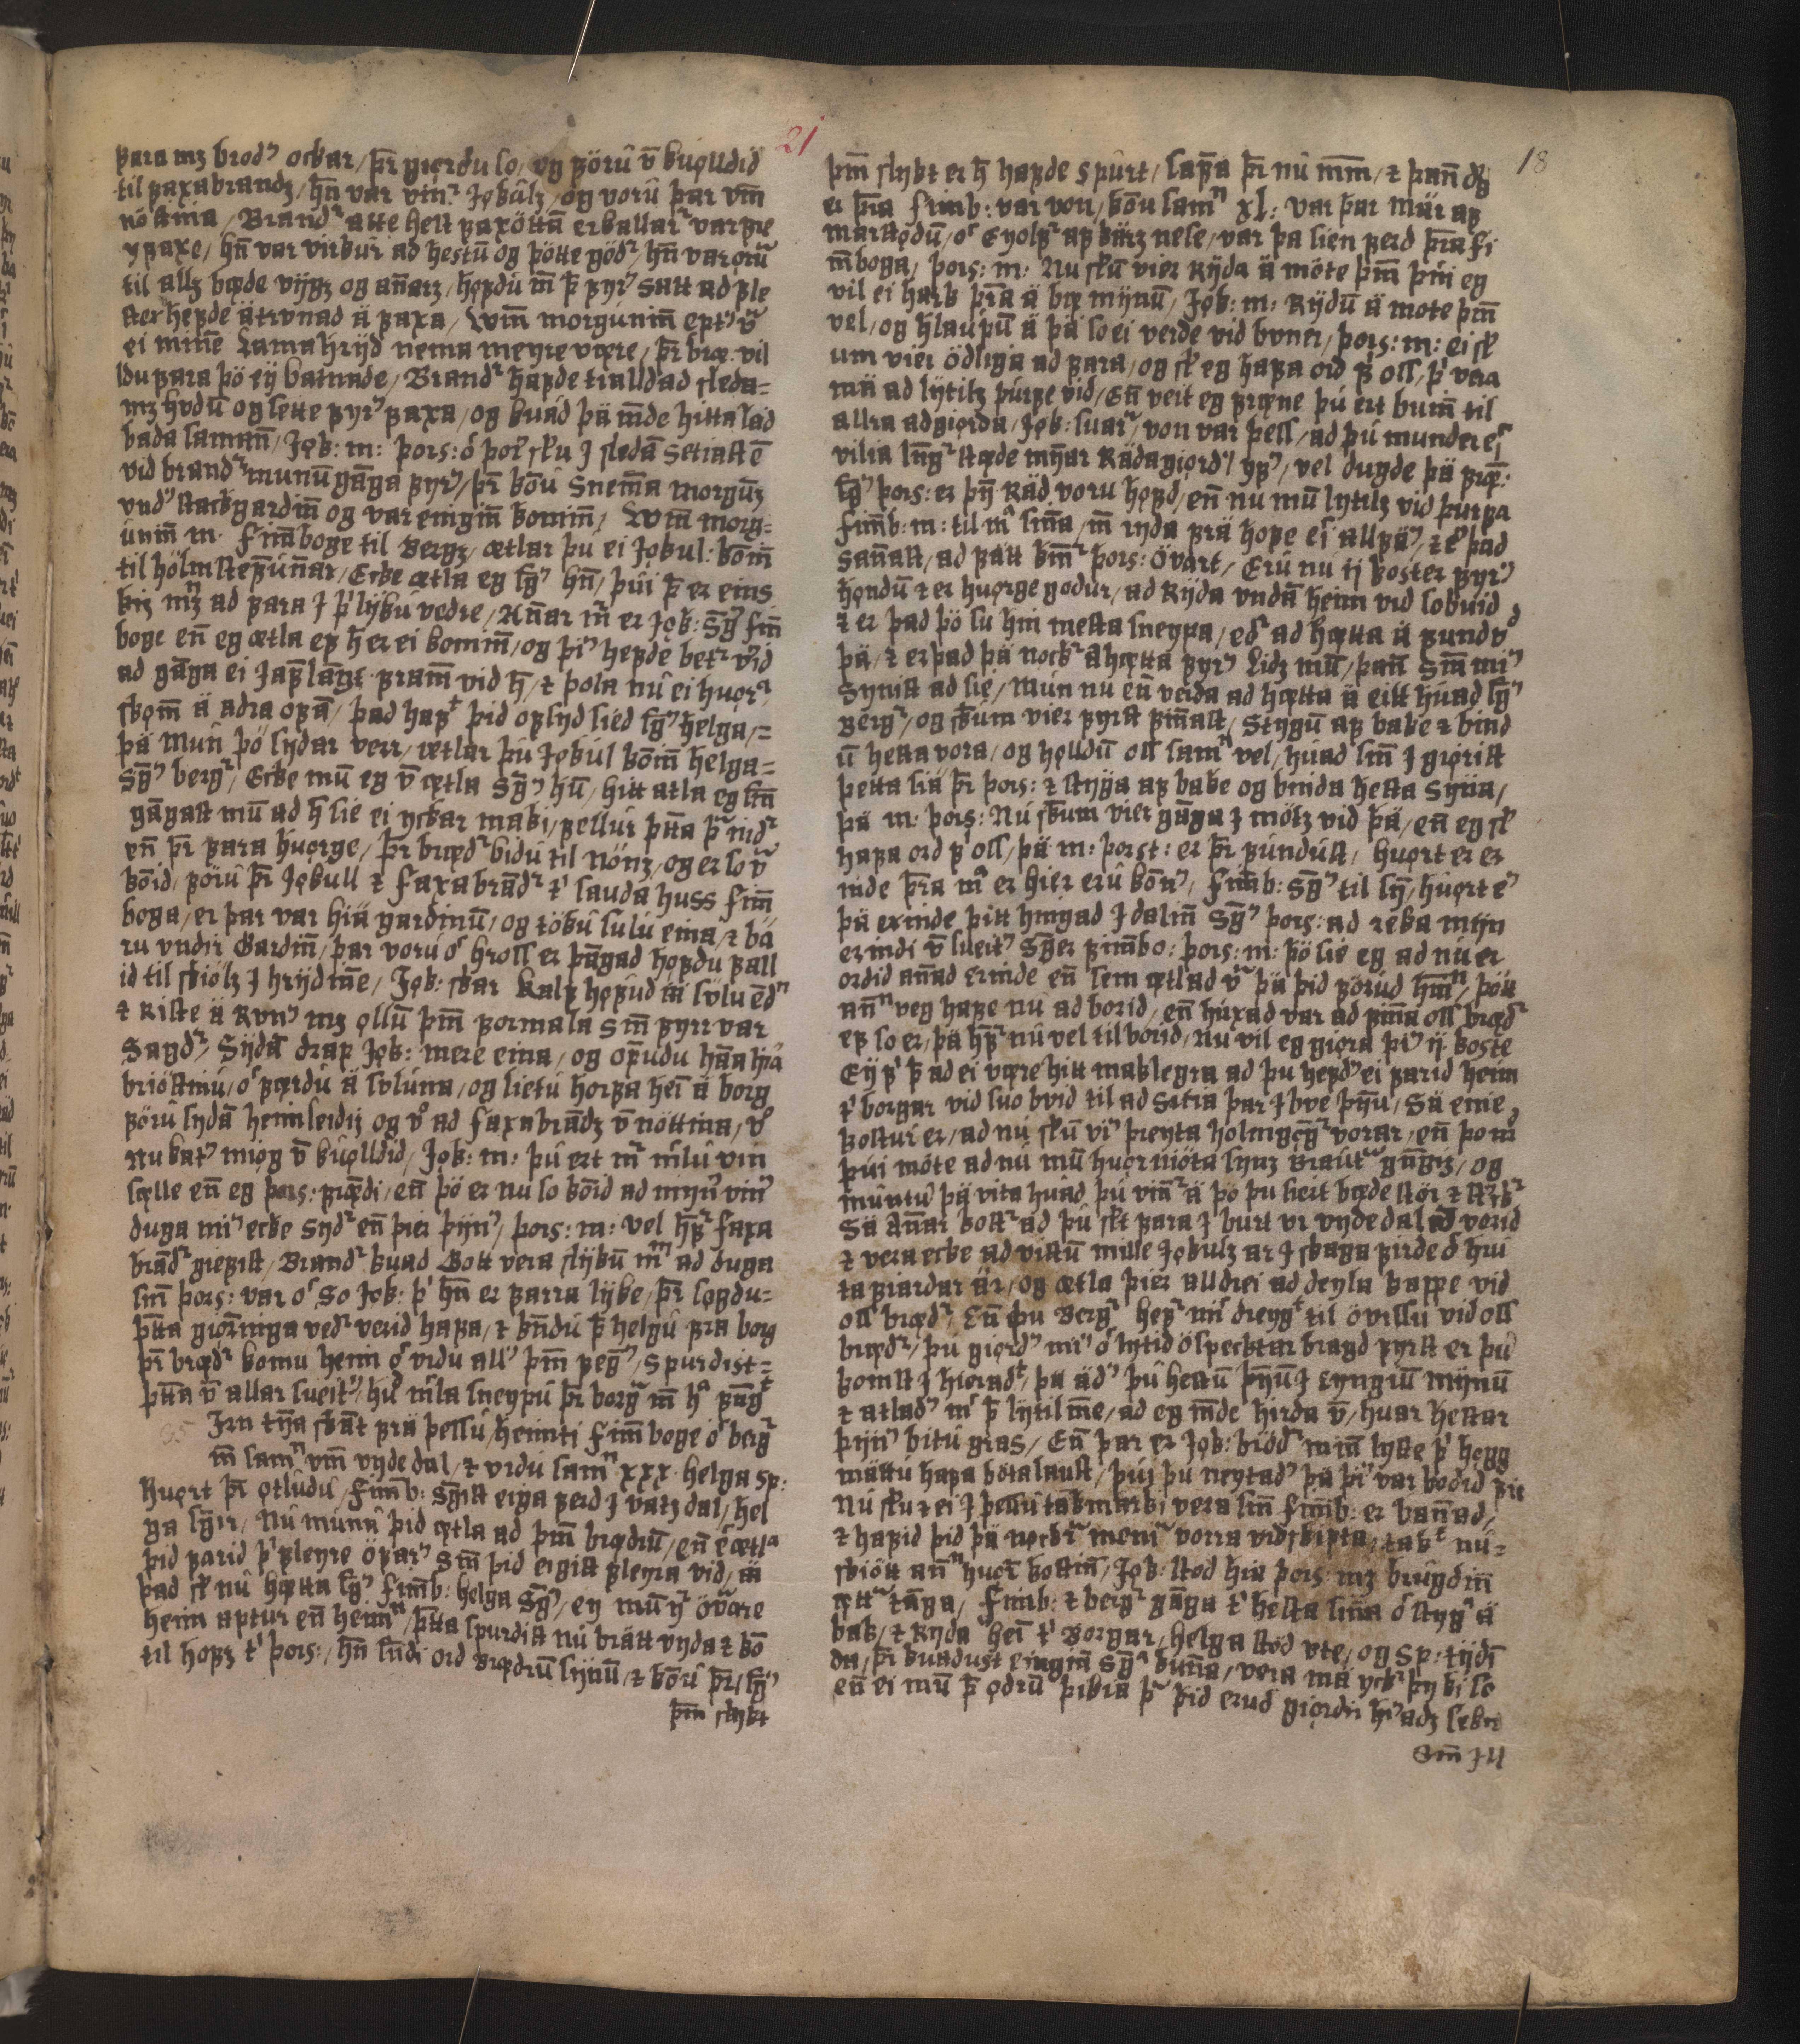 AM 128 fol - 21r